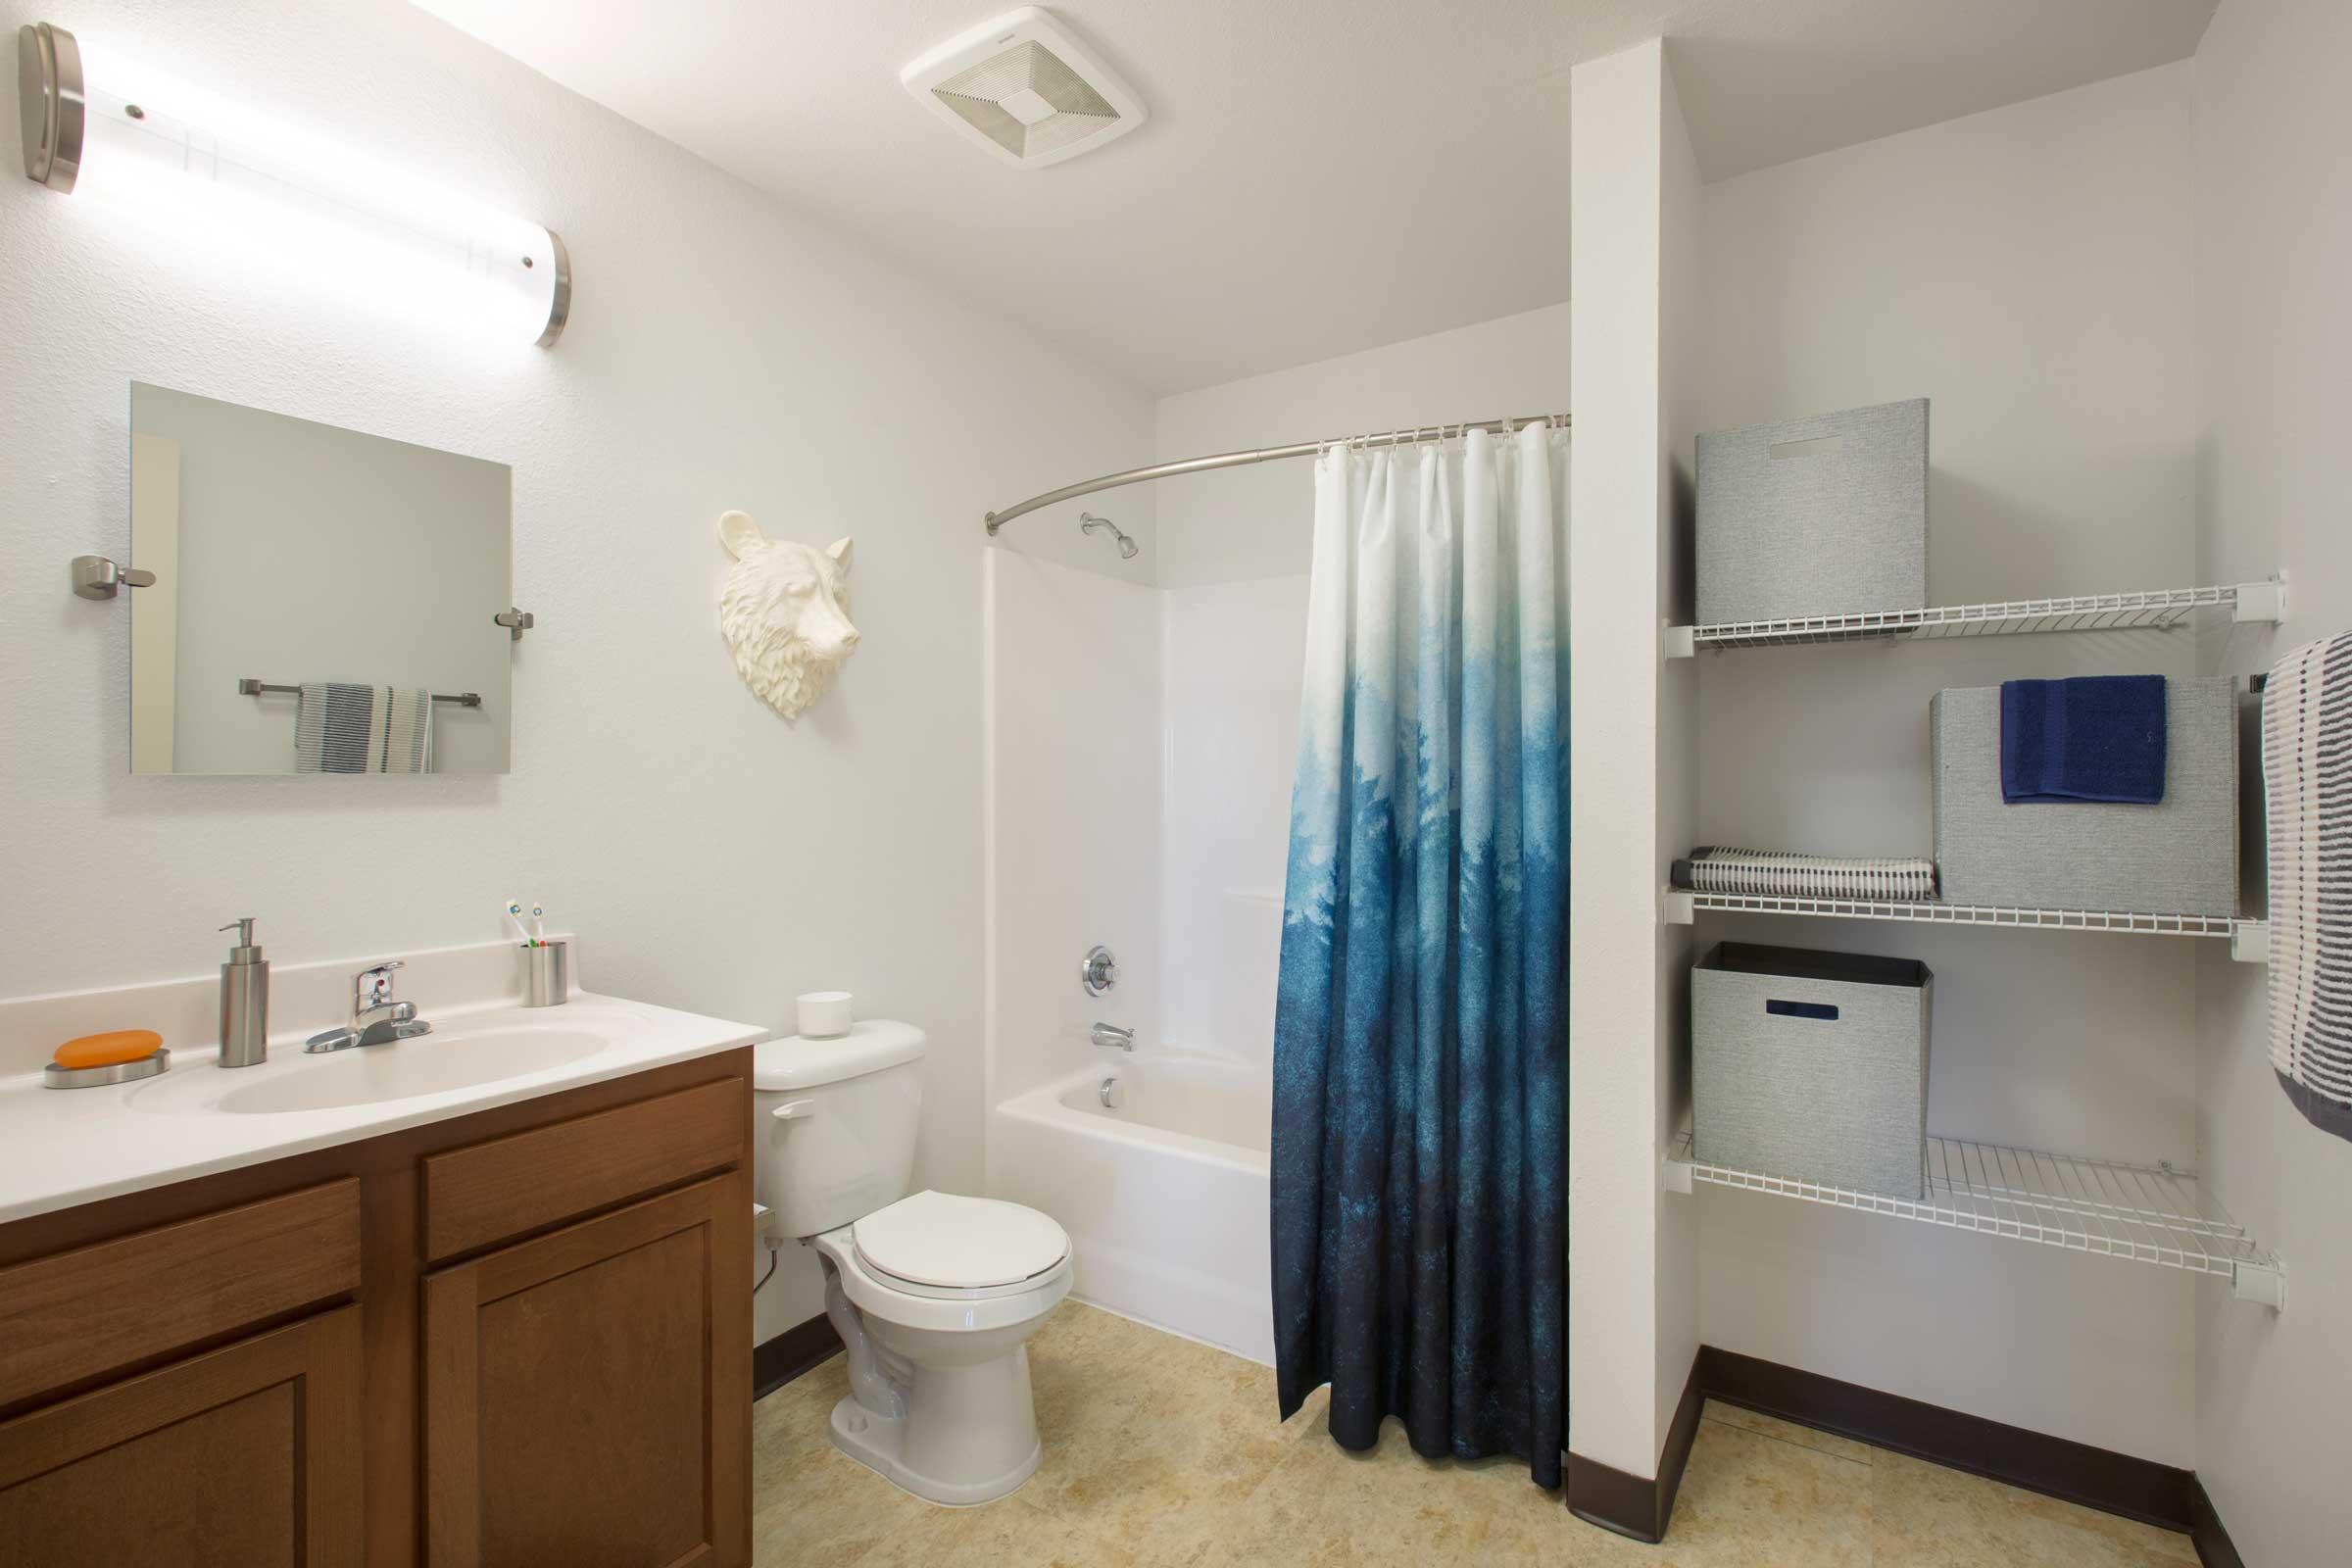 8545-Bathroom-WEB